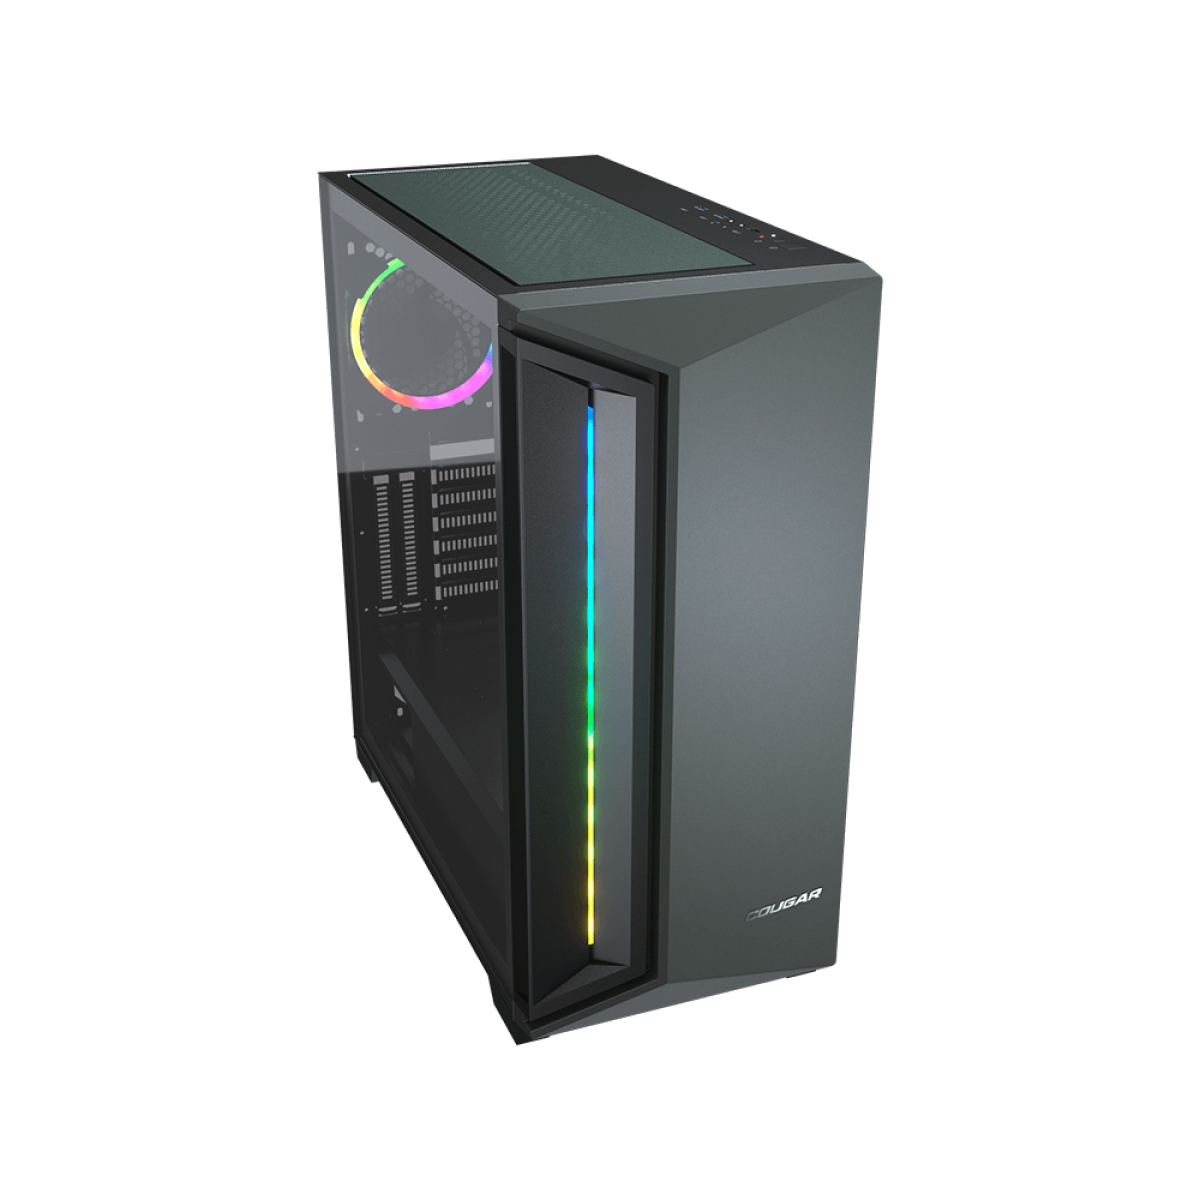 Gabinete Gamer Cougar DarkBlader X7, Mid Tower, Vidro Temperado, RGB, Midnight Green, Com 1 Fan, Sem Fonte, 385UM30-0005